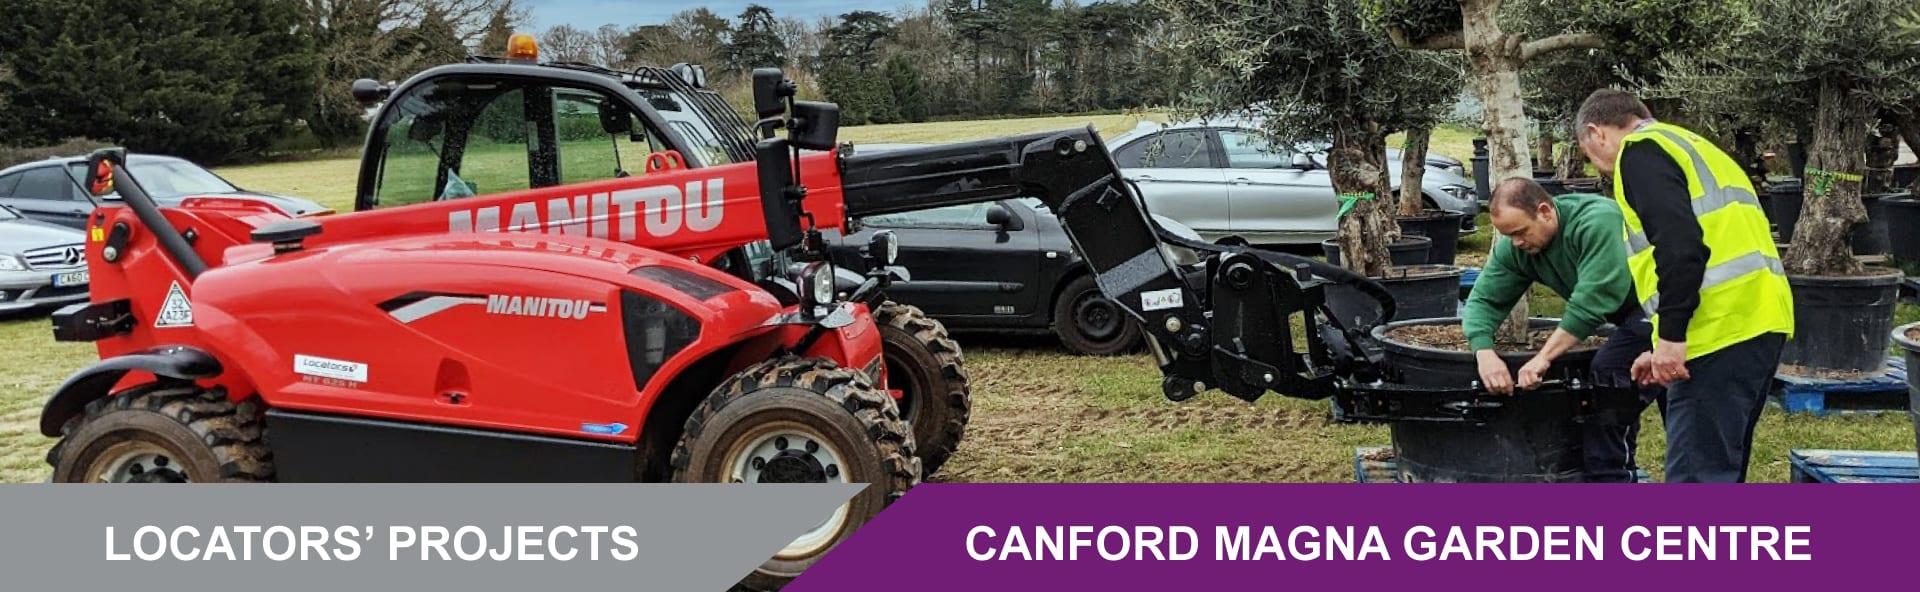 Canford Magna Garden Centre